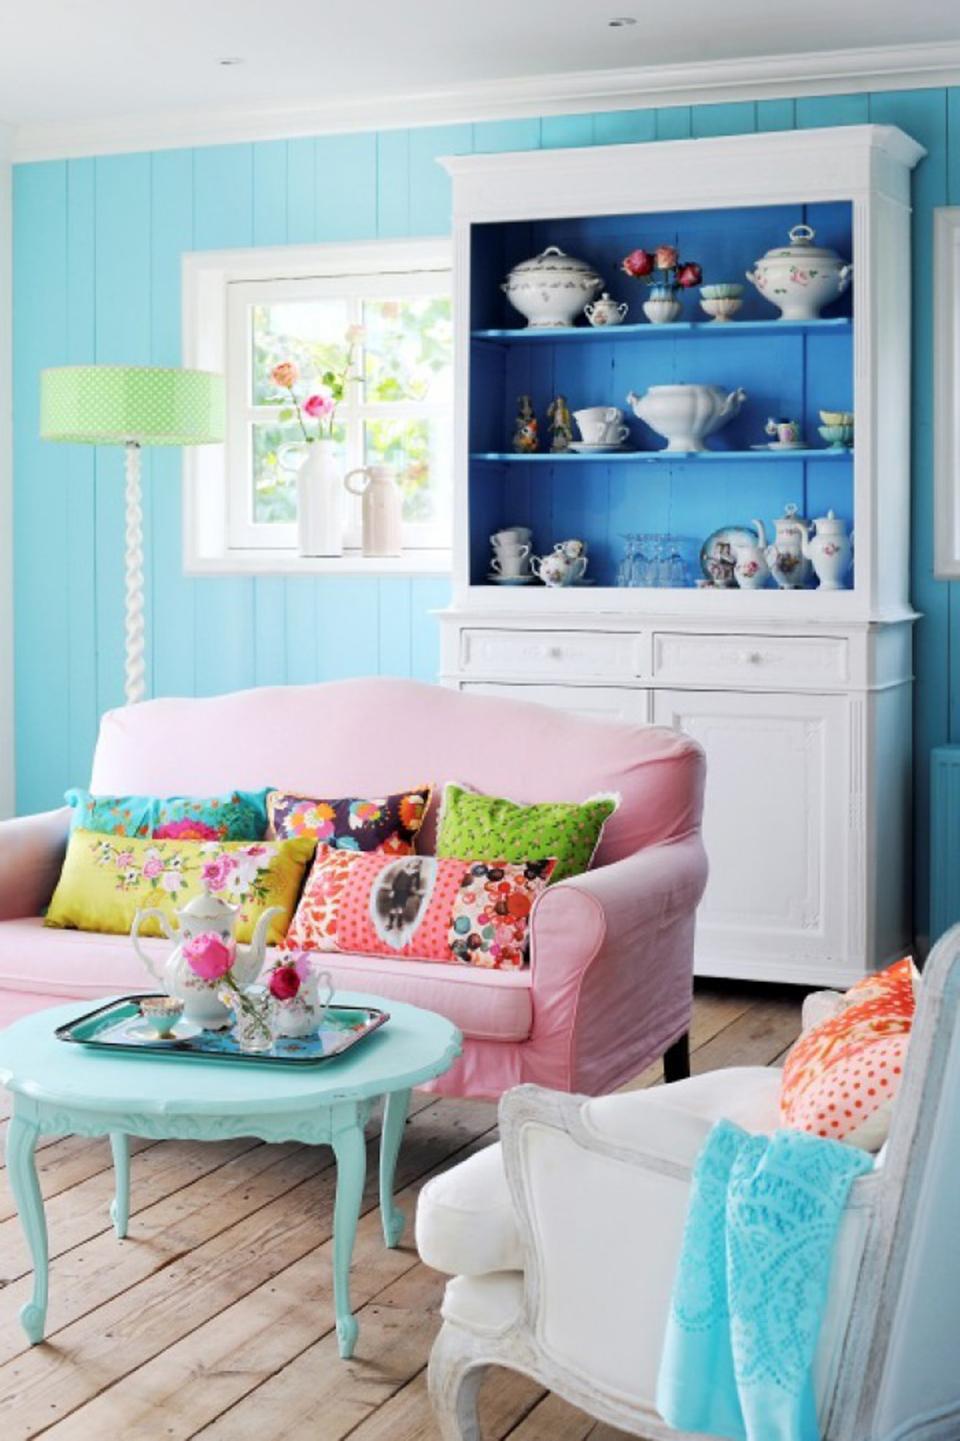 cores-verao-moveis-paredes-casa-decoracao-4